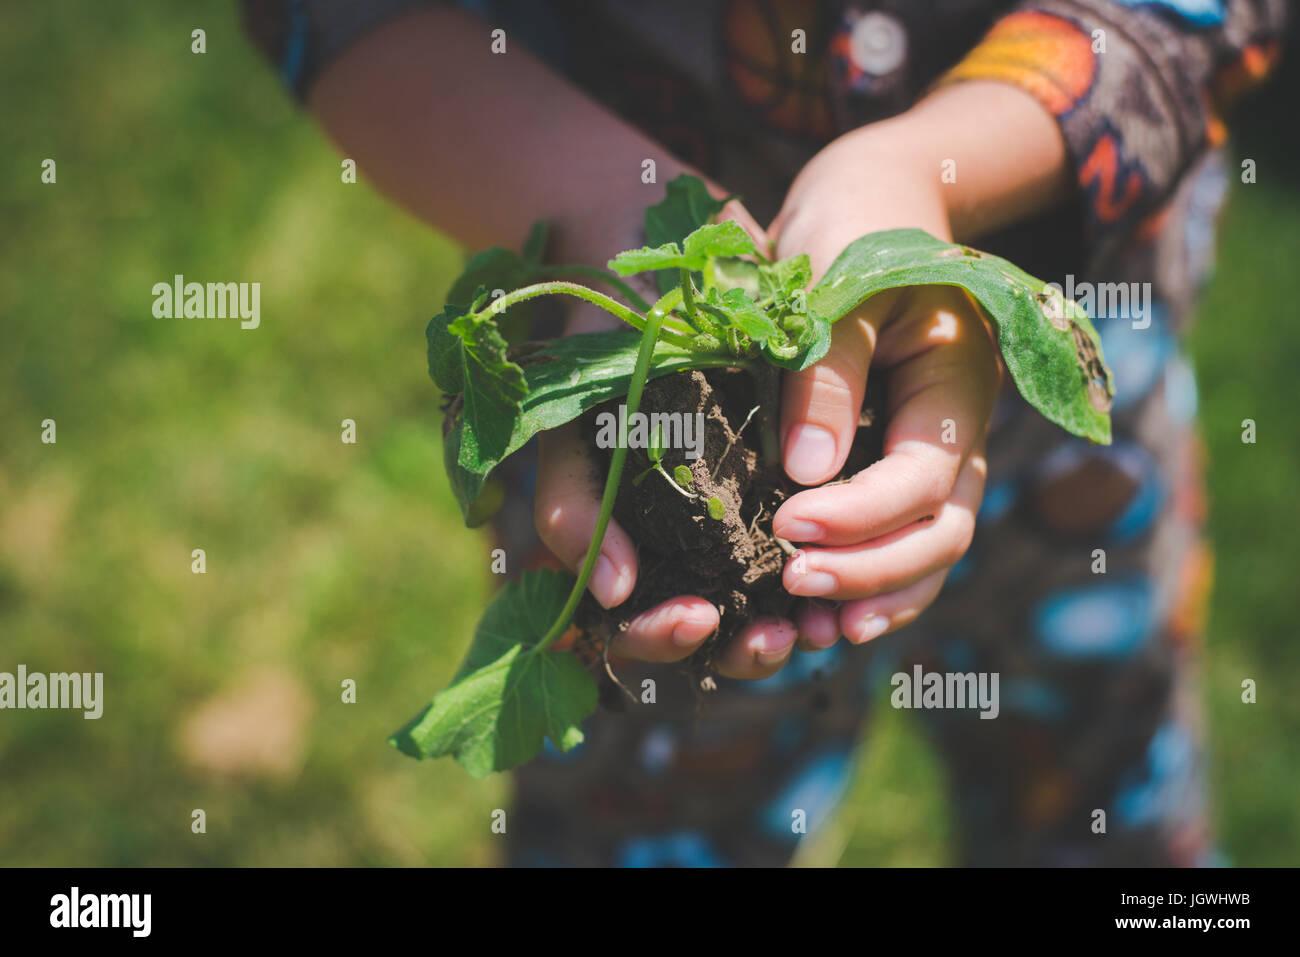 Un bambino con le mani in mano in attesa di una pianta con terreno sotto di esso. Immagini Stock